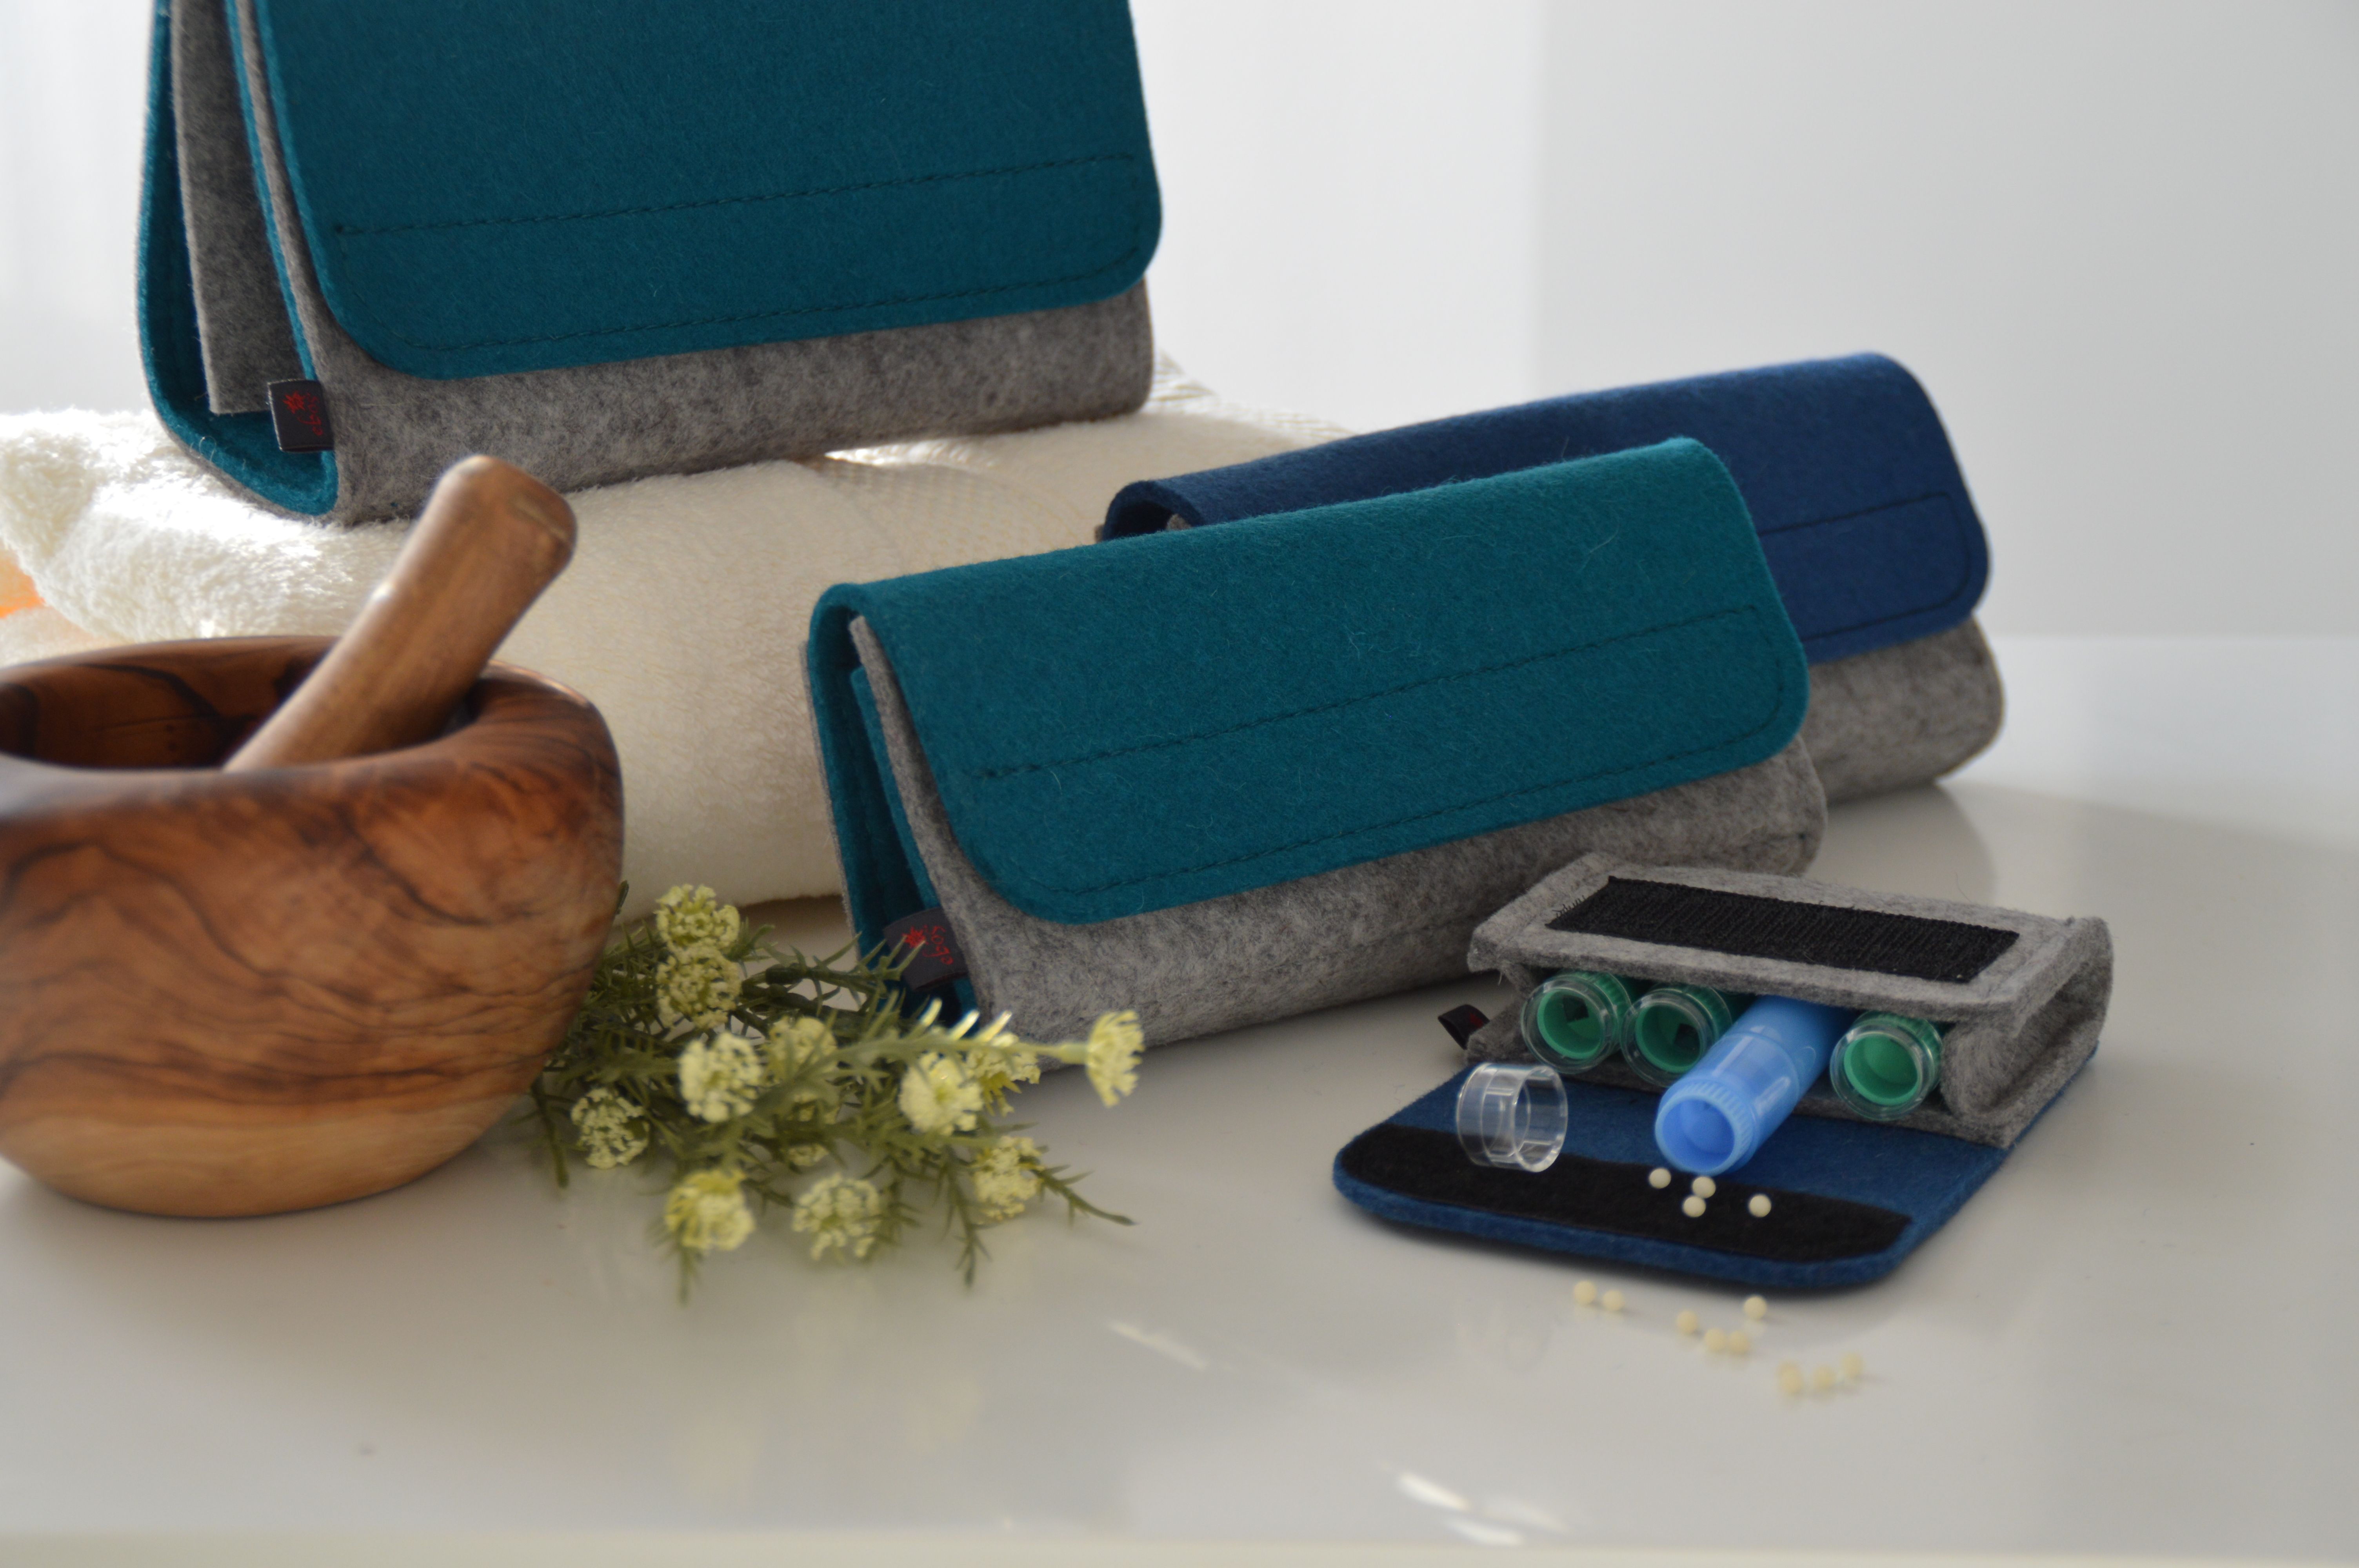 b01de512969da Neu! Unsere Taschenapotheken sind in neuen trendigen Farben erhältlich.